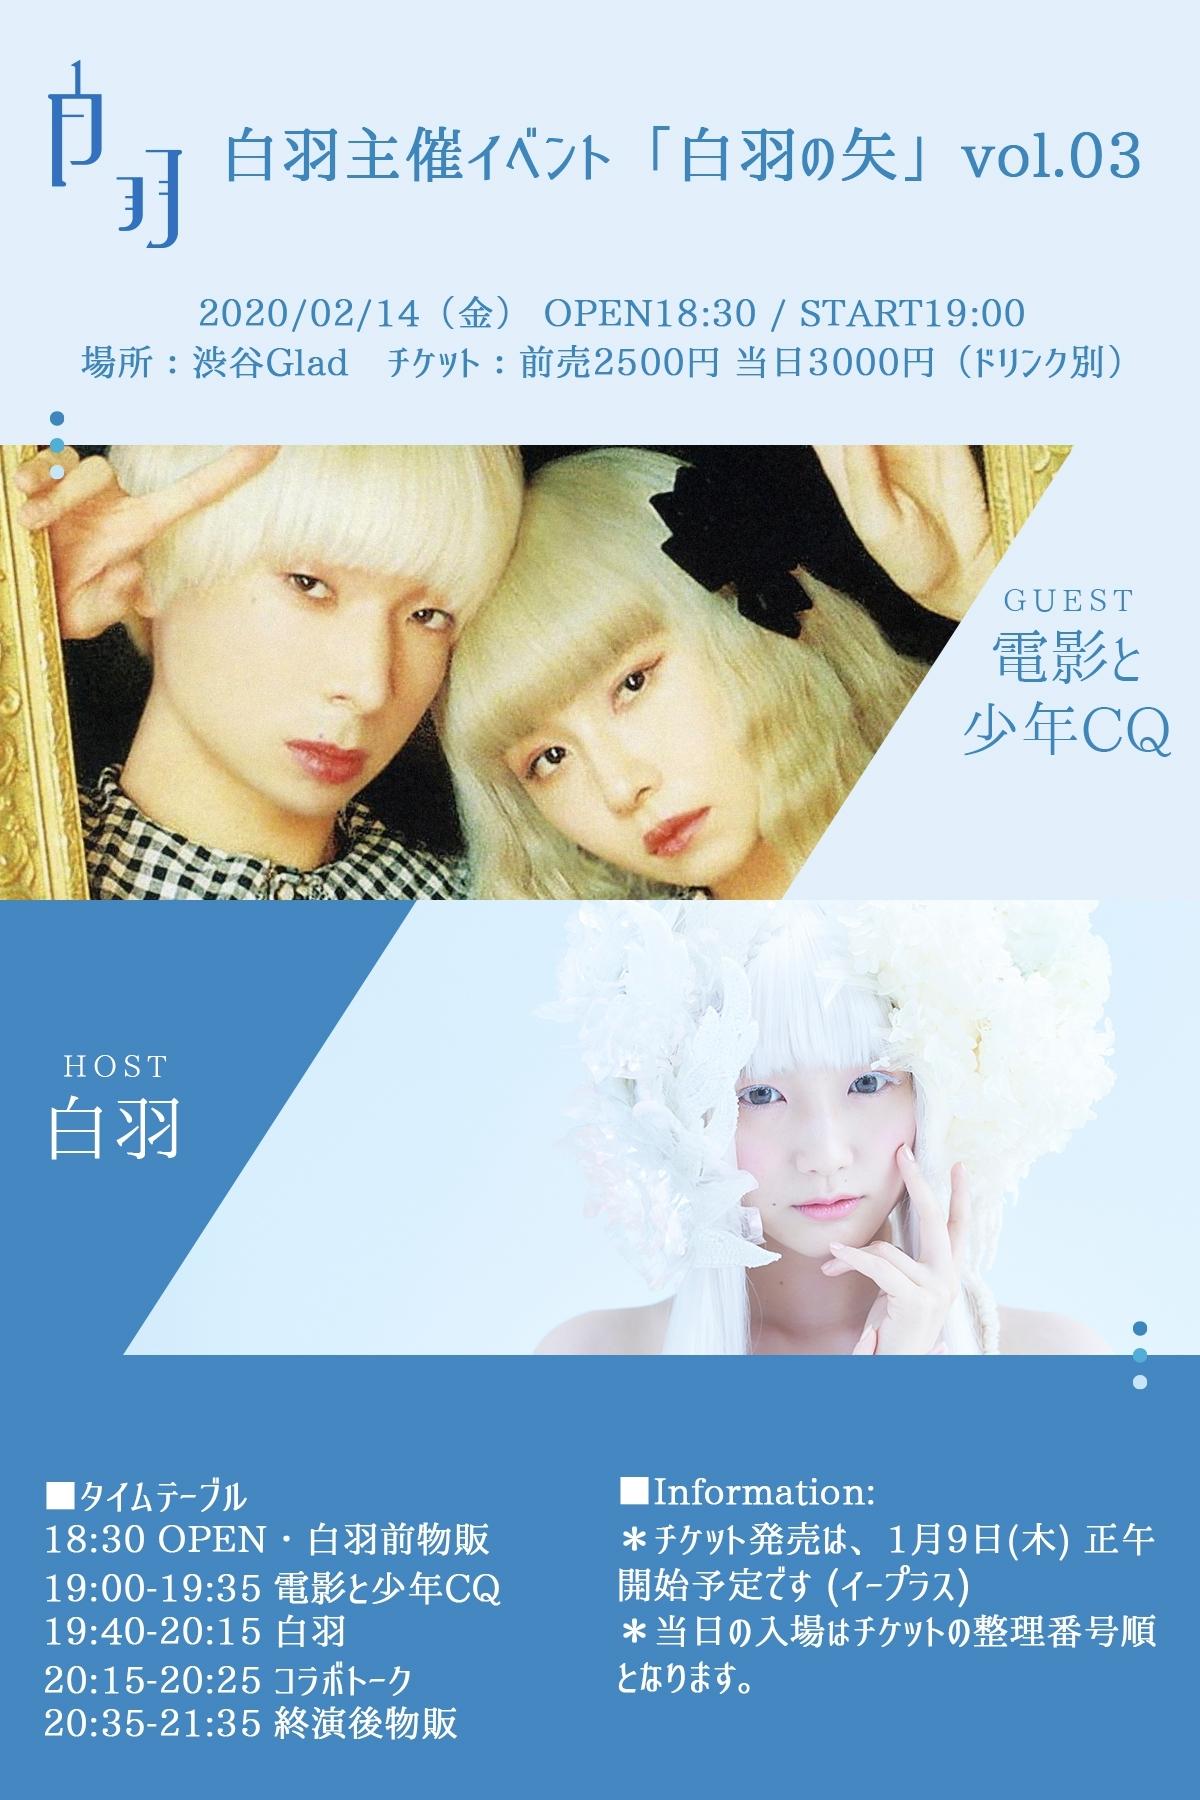 白羽主催イベント「白羽の矢」vol.03を開催いたします